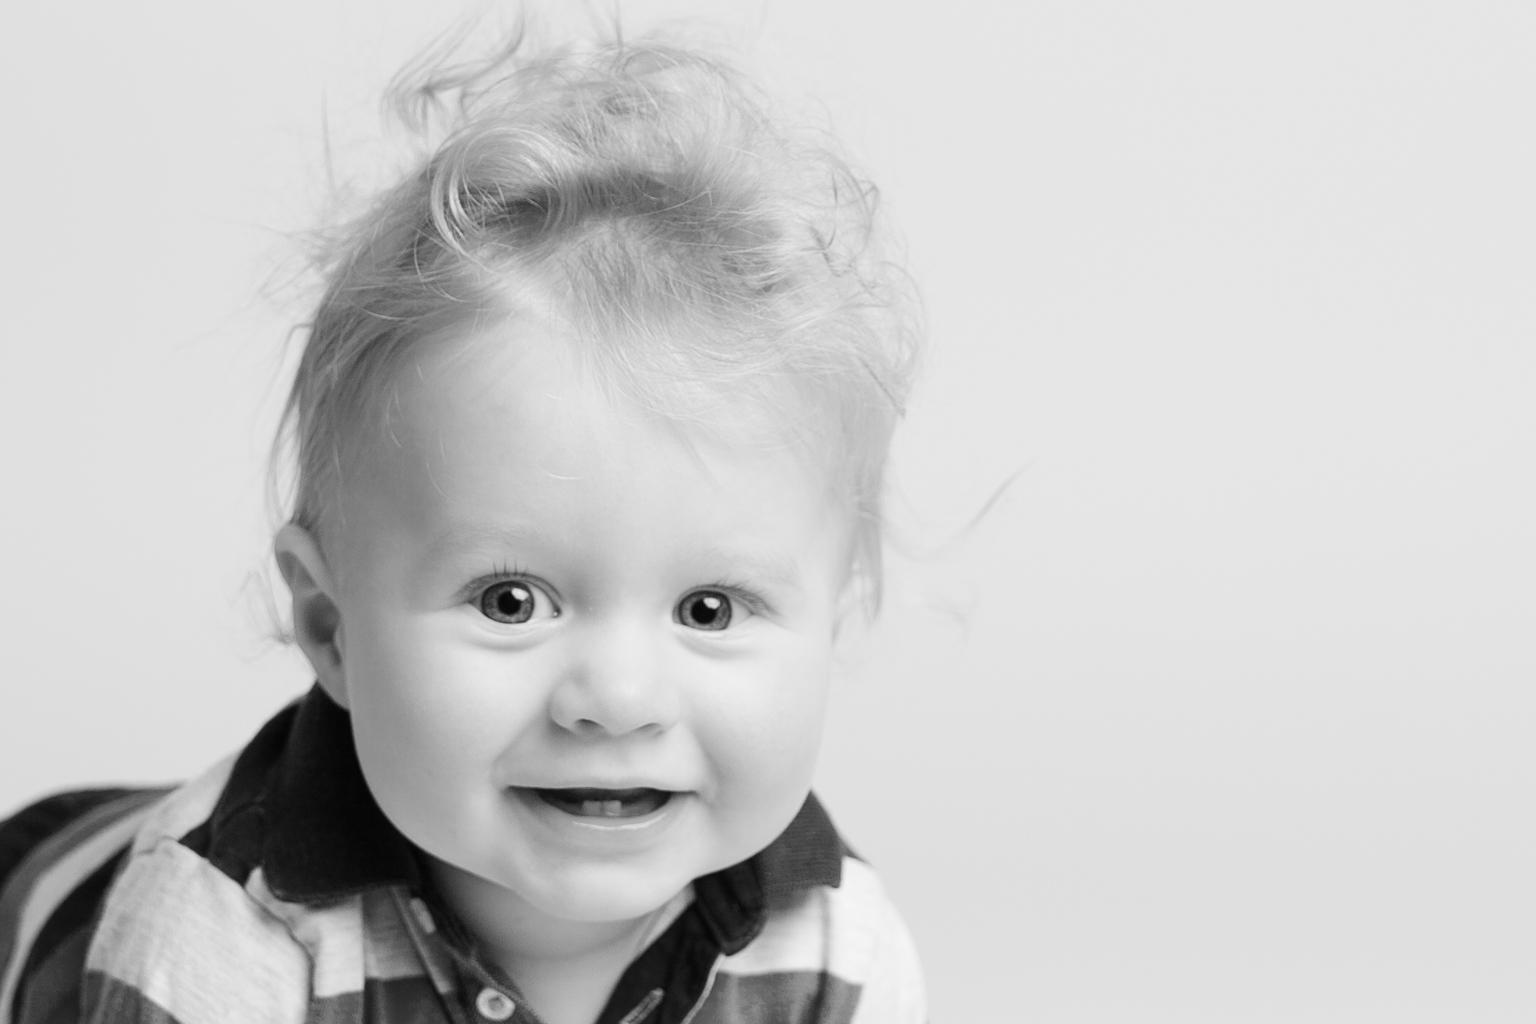 edinburgh baby photographer-2-2